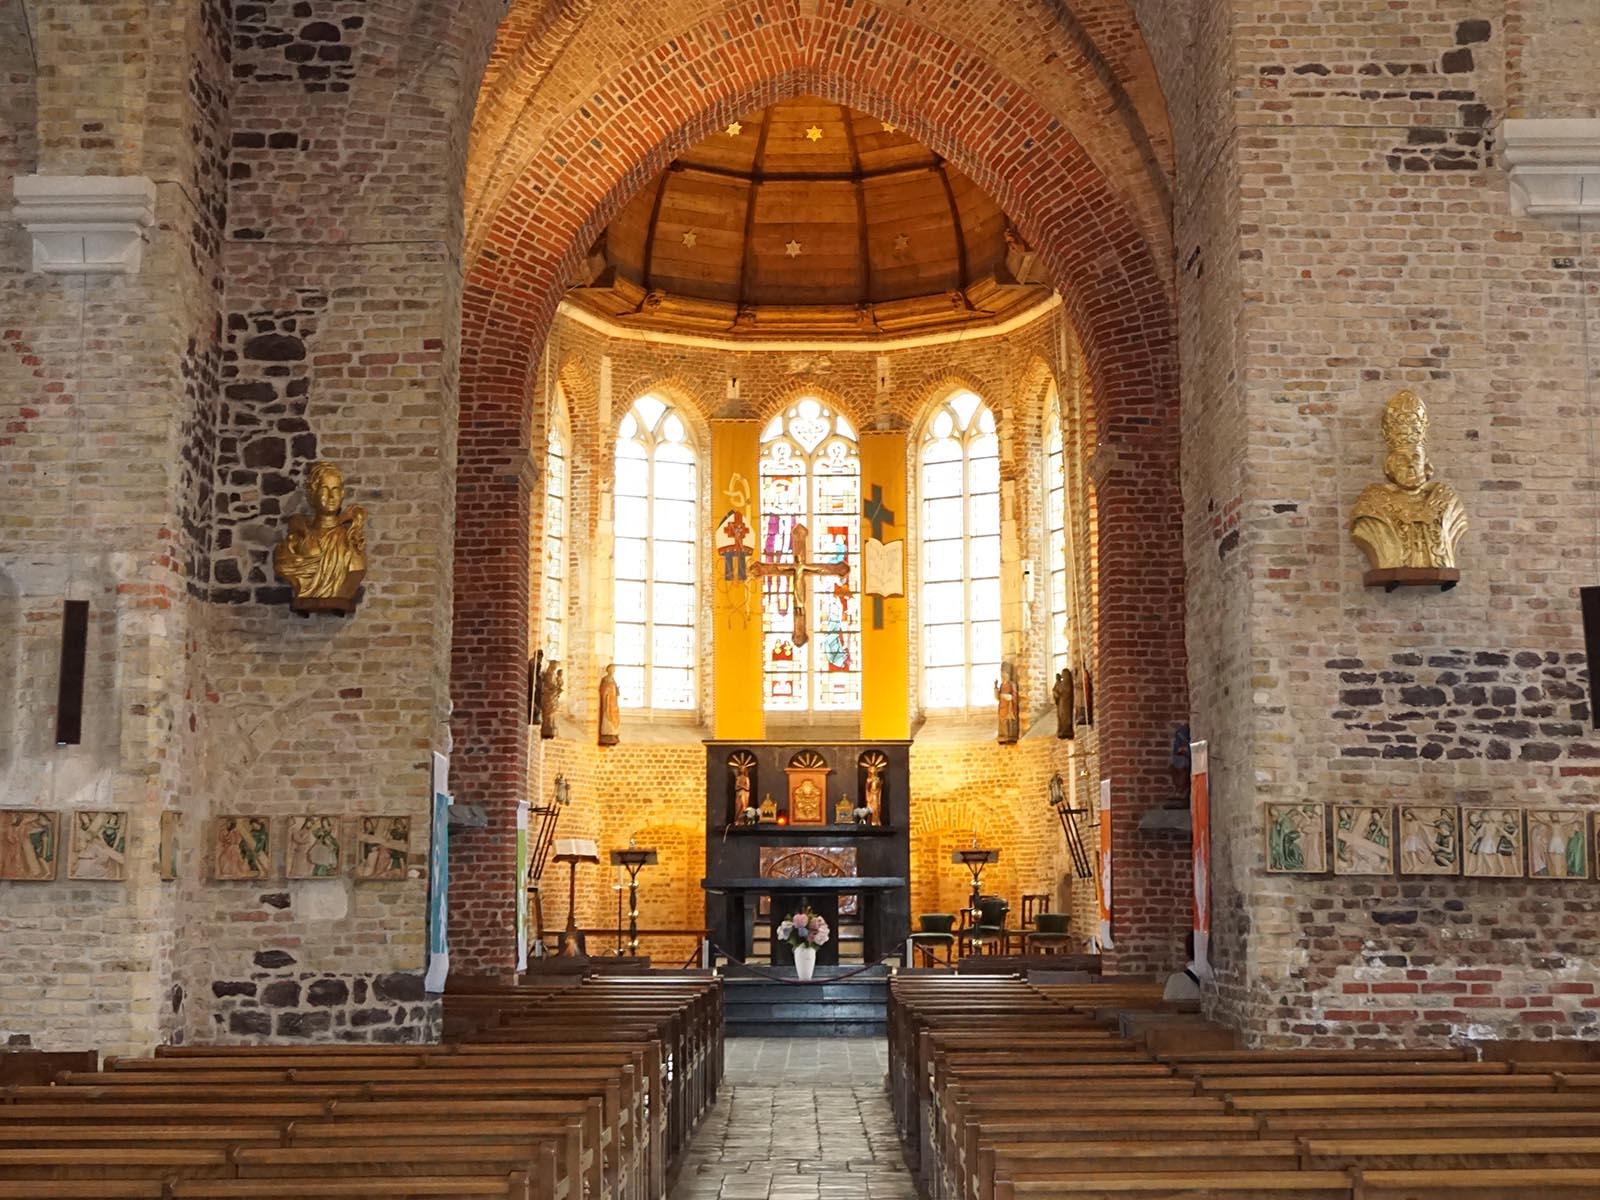 banniere-eglise-saint-folquin-esquelbecq (1).JPG